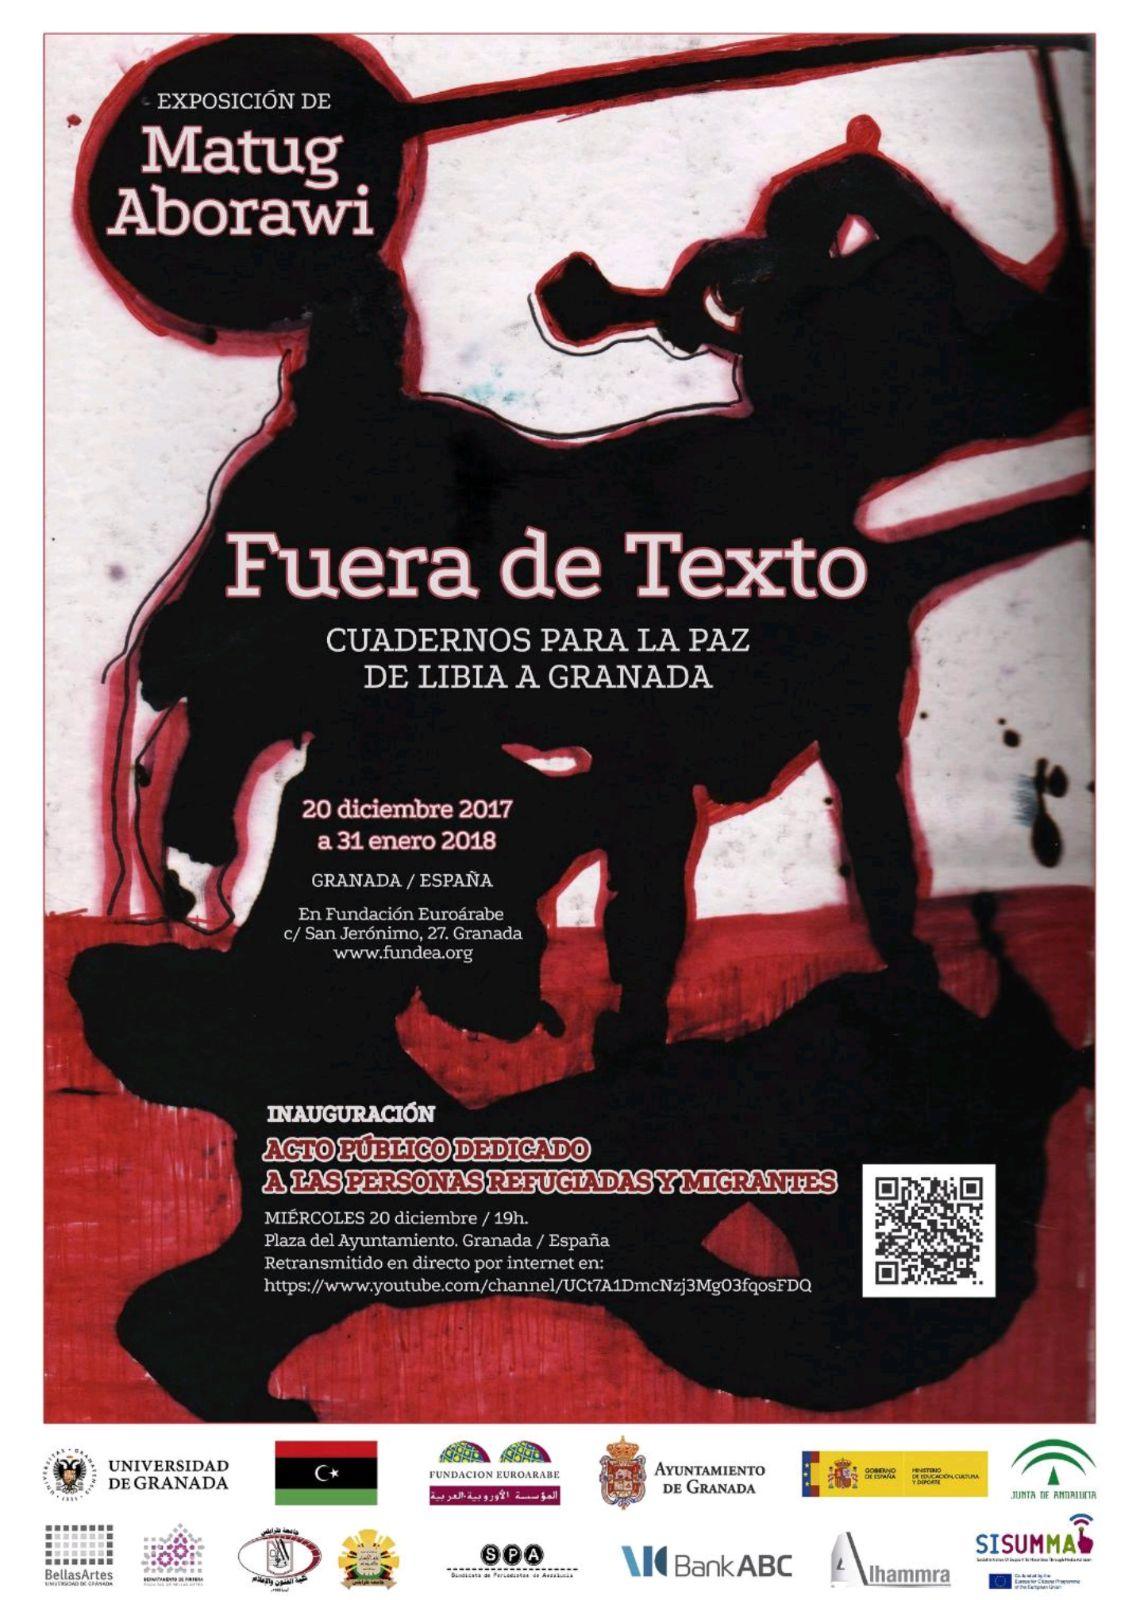 GRANADA: ACTO EN FAVOR DE REFUGIAD@S Y MIGRANTES. Miércoles,20D,19H.